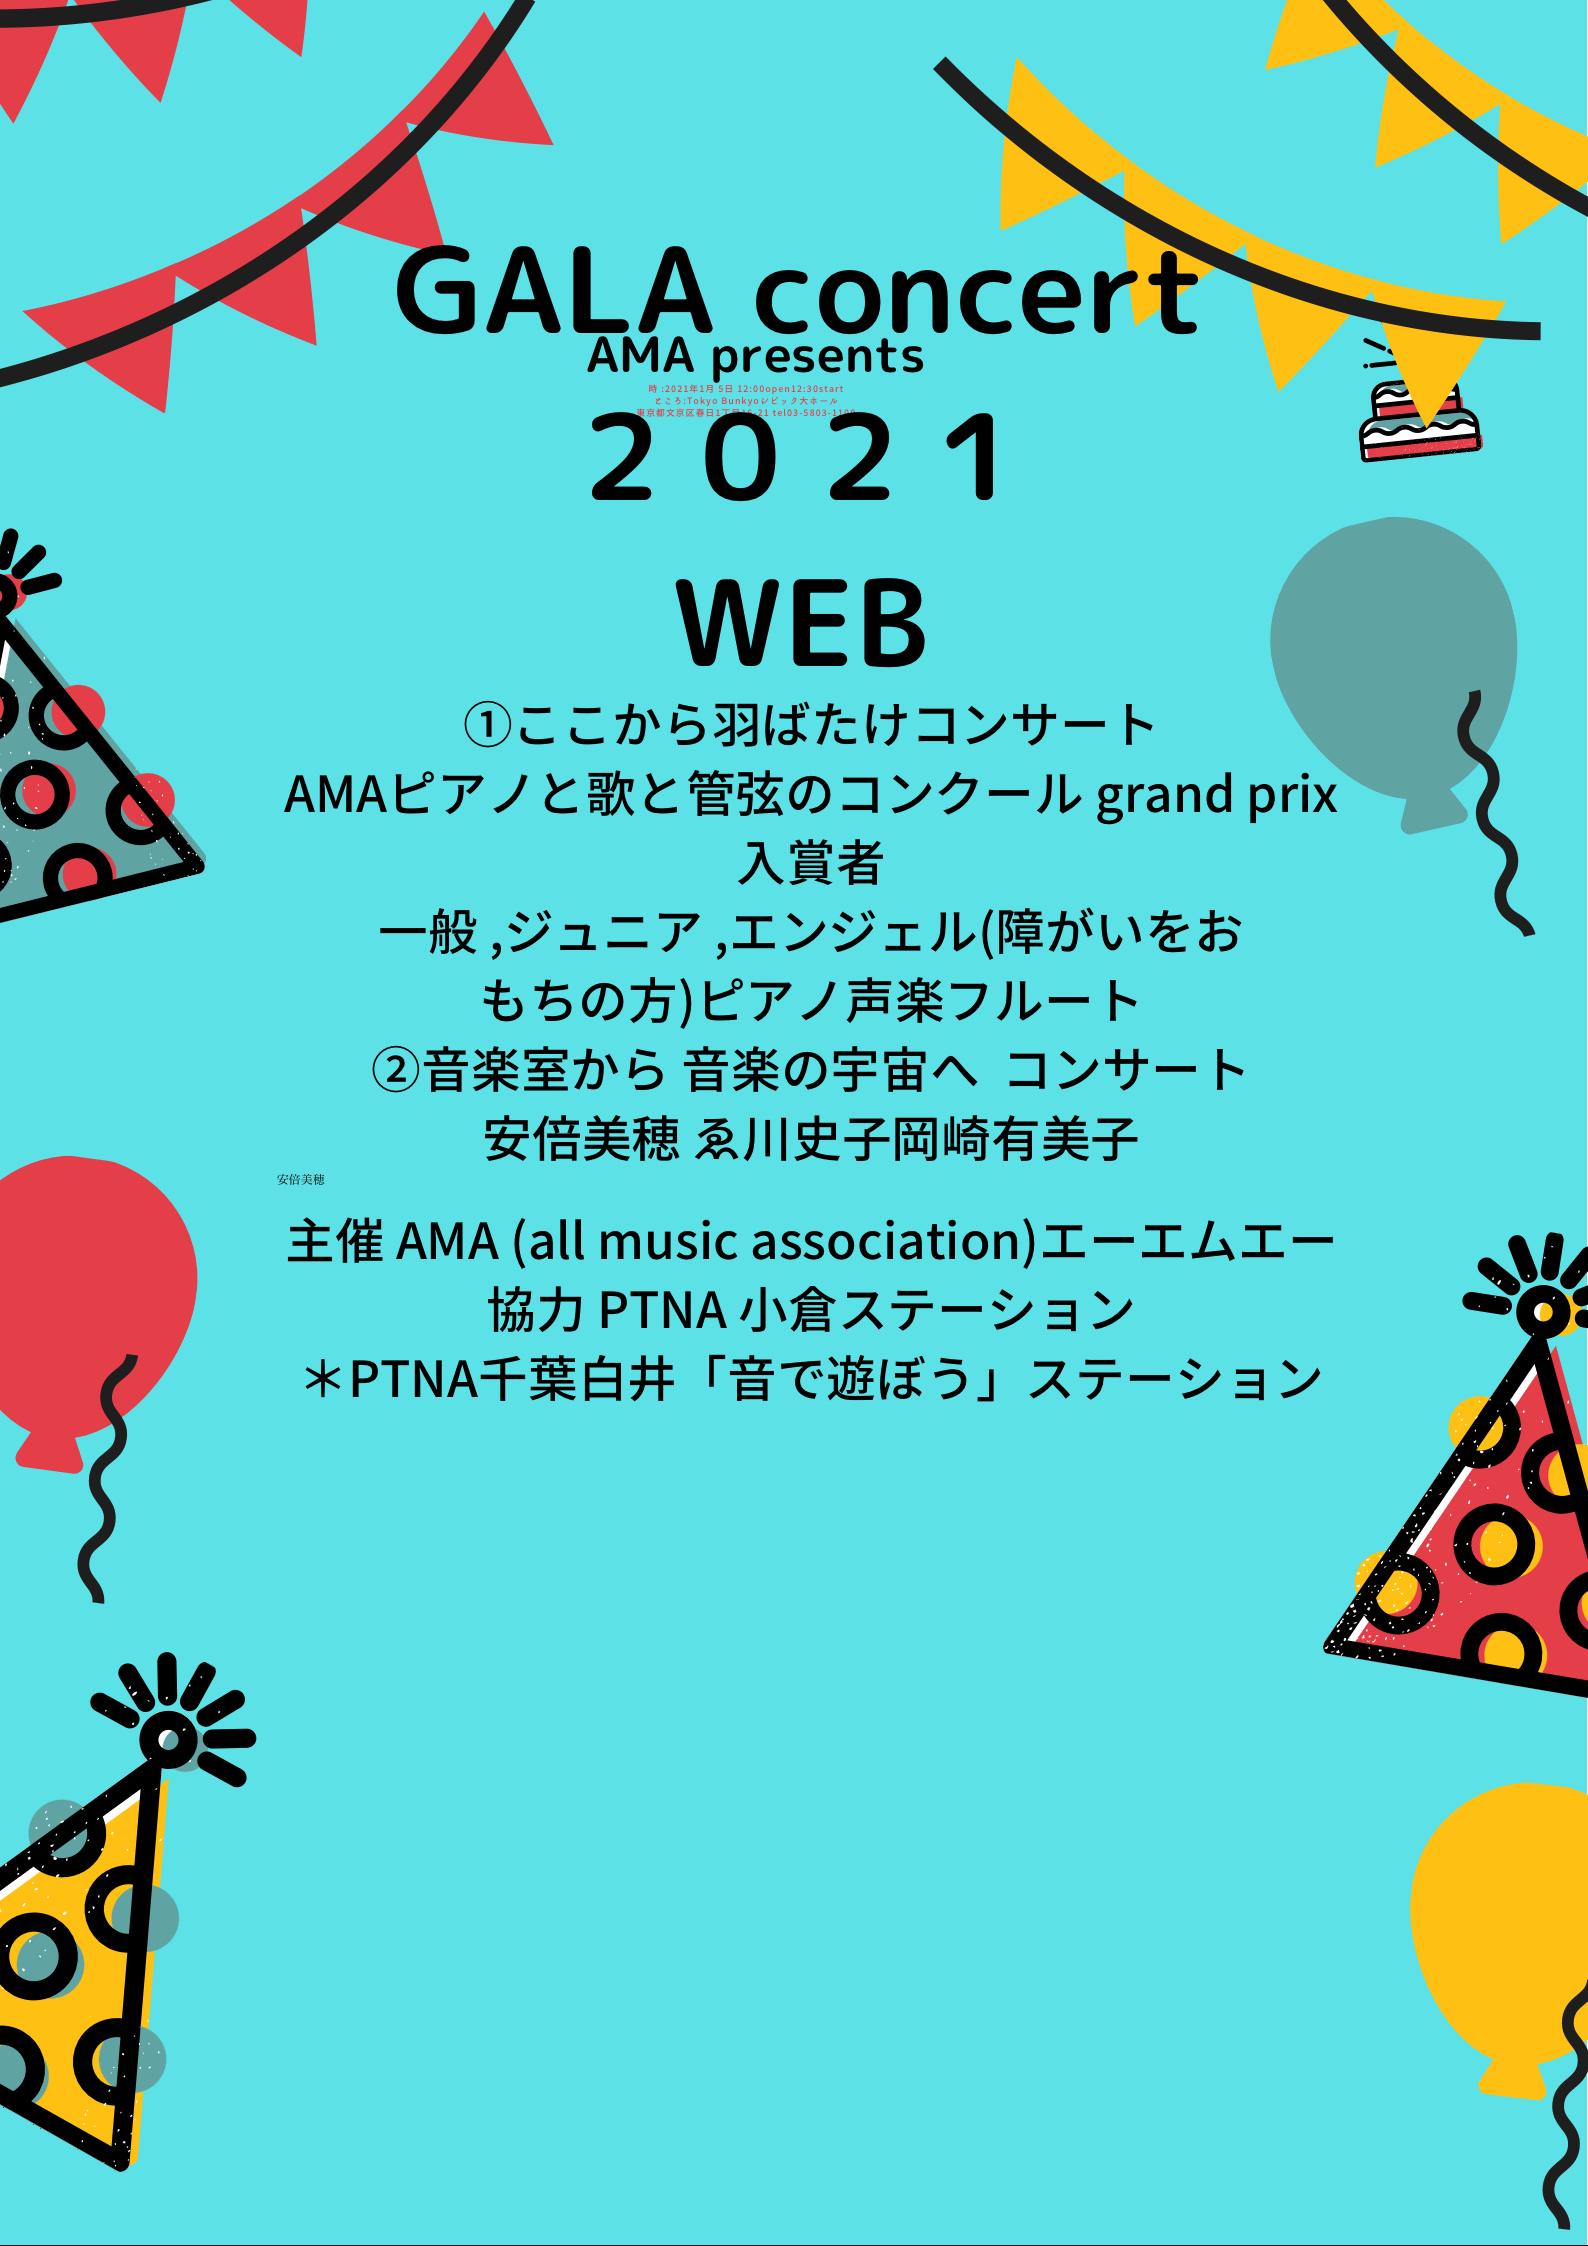 AMA WEBGALA2021 コンサート_f0225419_00184314.png